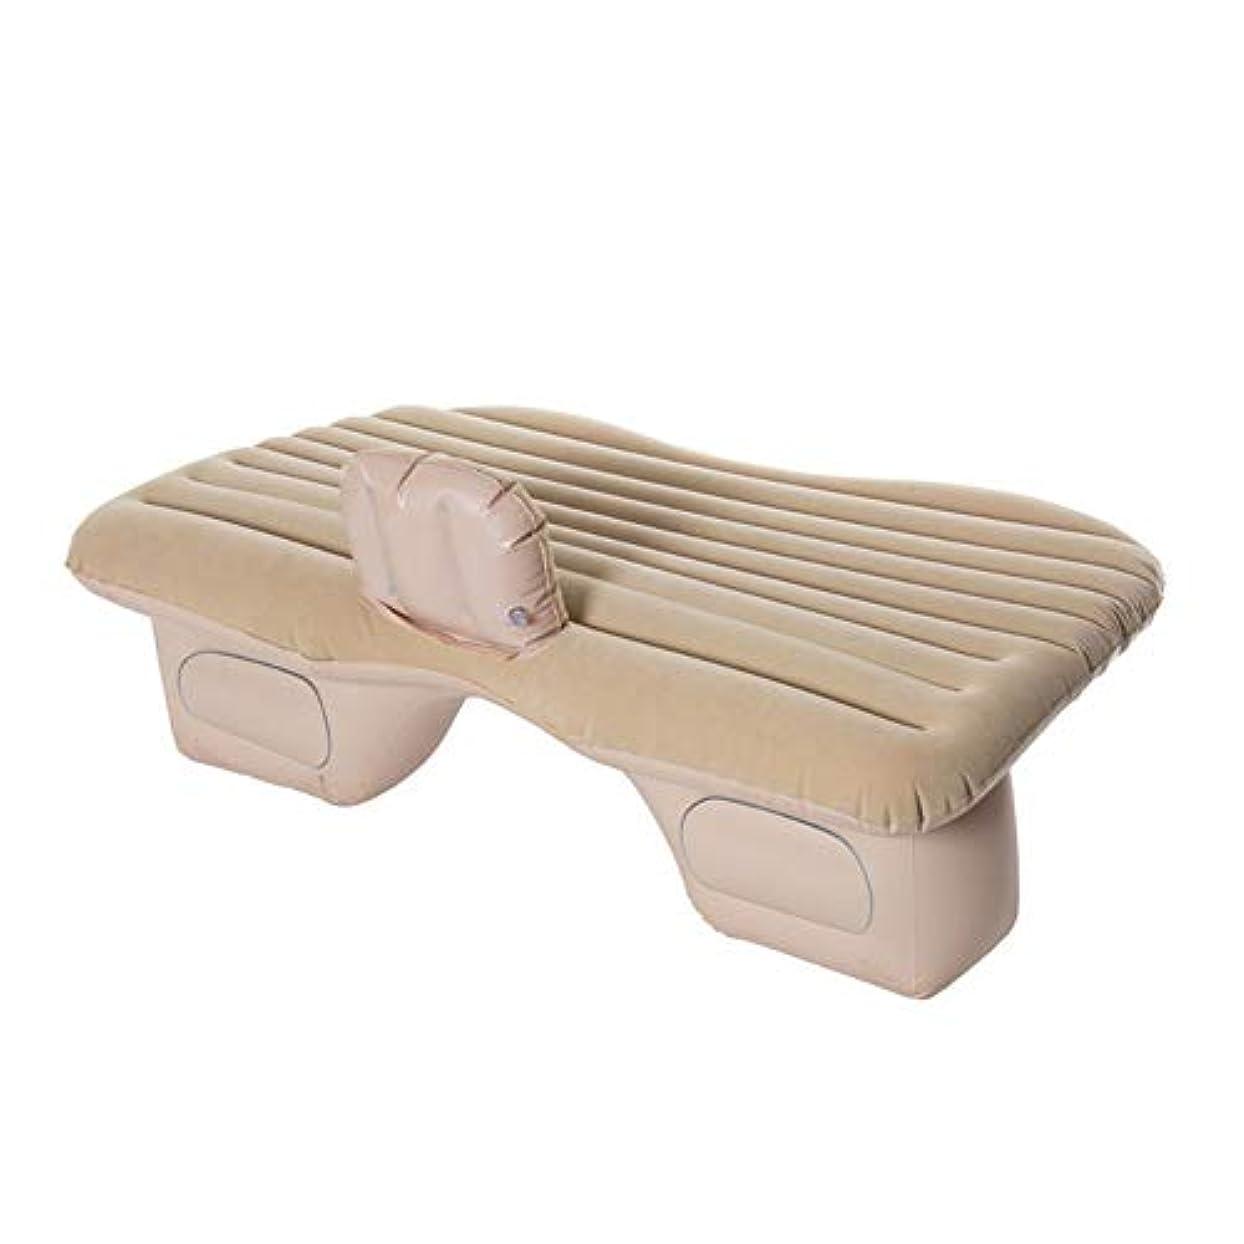 漂流電子落ち込んでいる車の膨脹可能なベッド、厚く柔らかい群がる材料から成っていることおよびきれいになること容易の携帯用エアマットレスは、ほとんどのモデルに合います